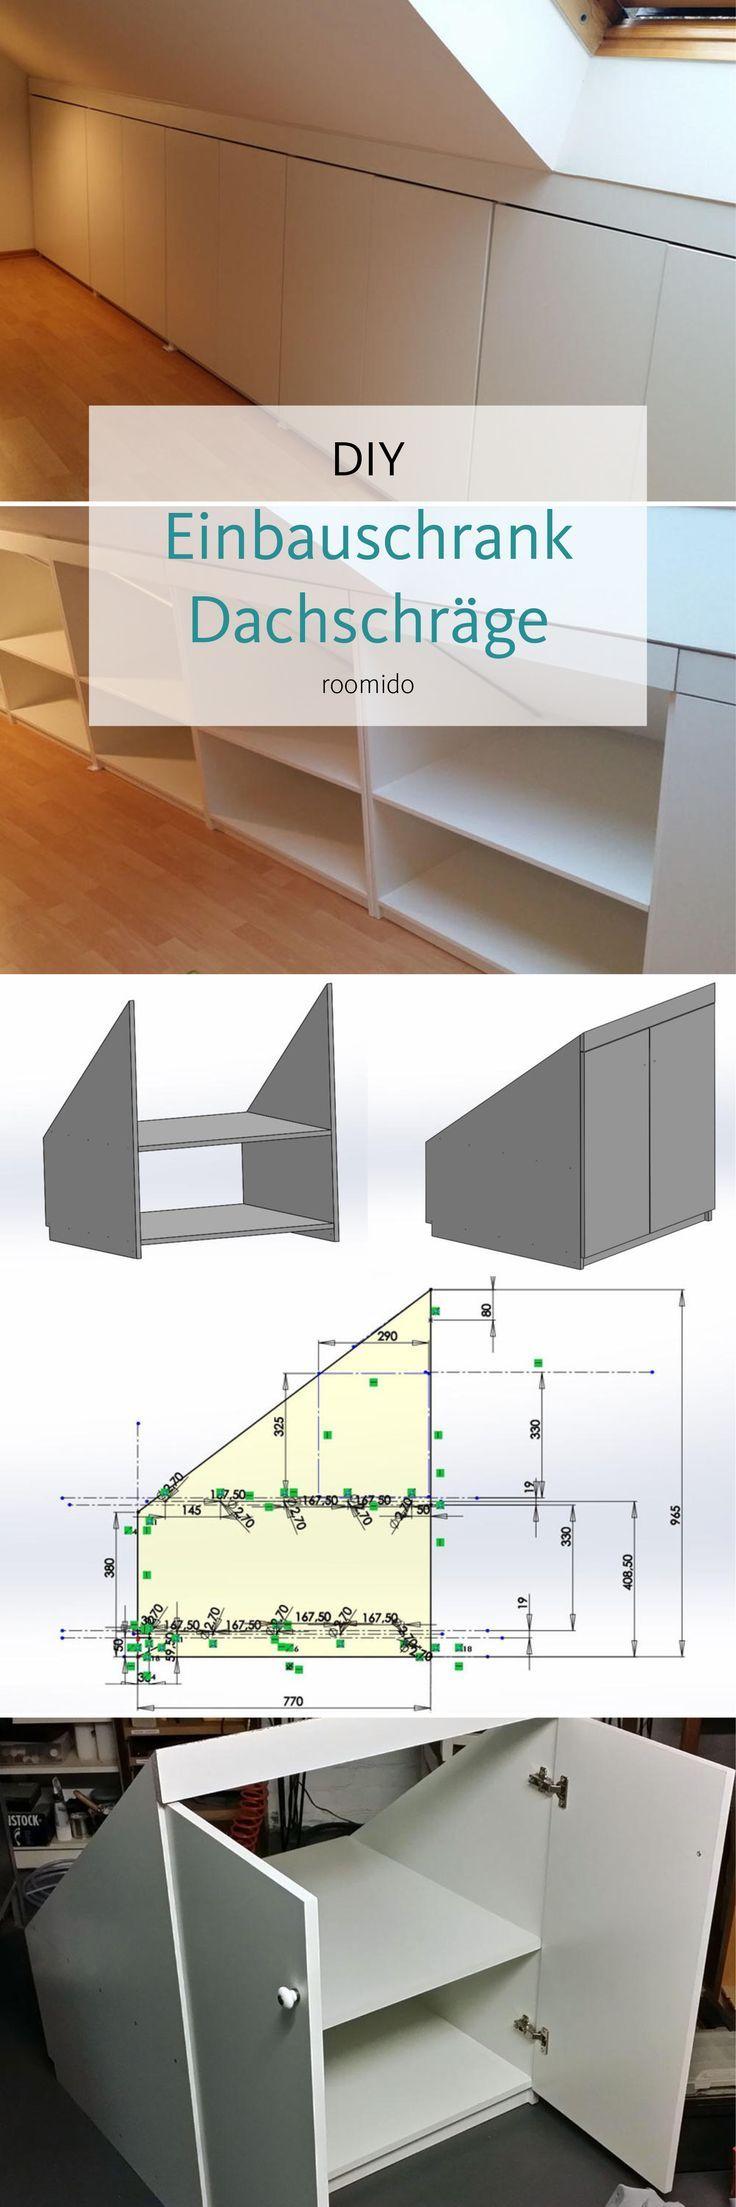 Selber einen Einbauschrank unter der Dachschräge bauen? Wir haben die Anleitung…